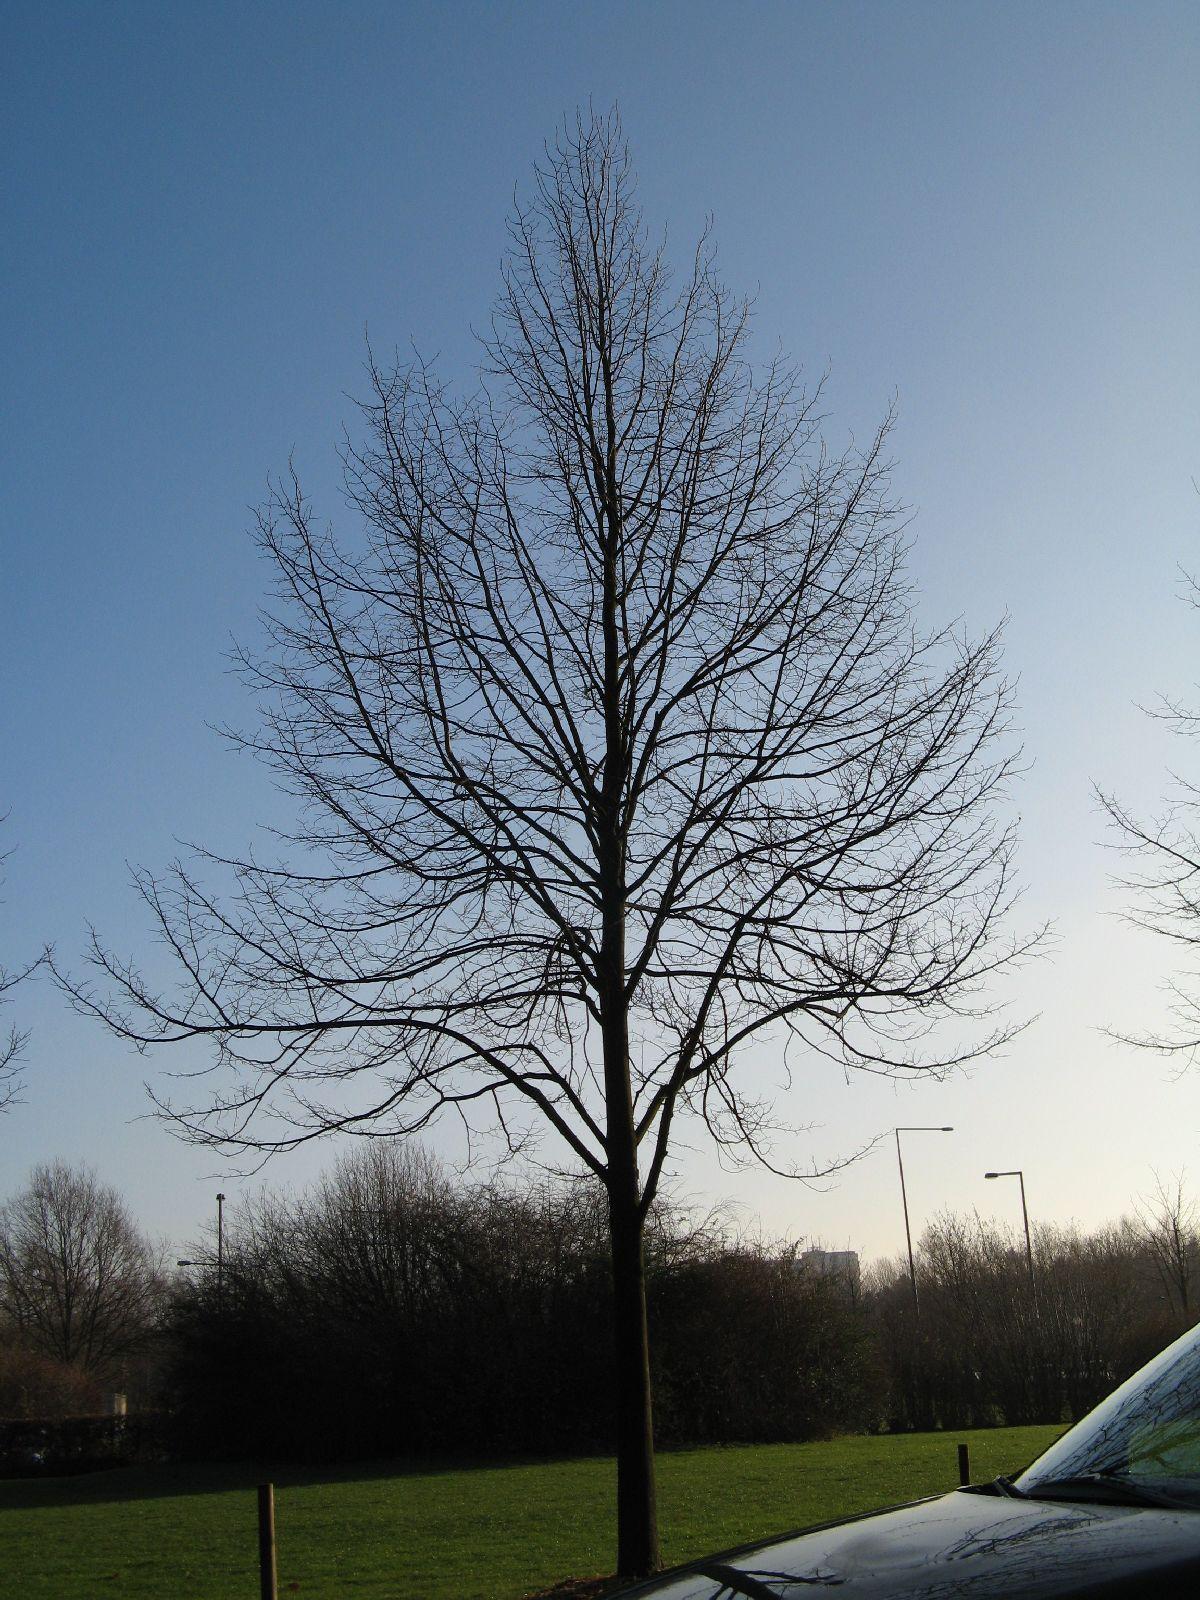 Pflanzen-Baum-Silhouette-Foto_Textur_B_12140